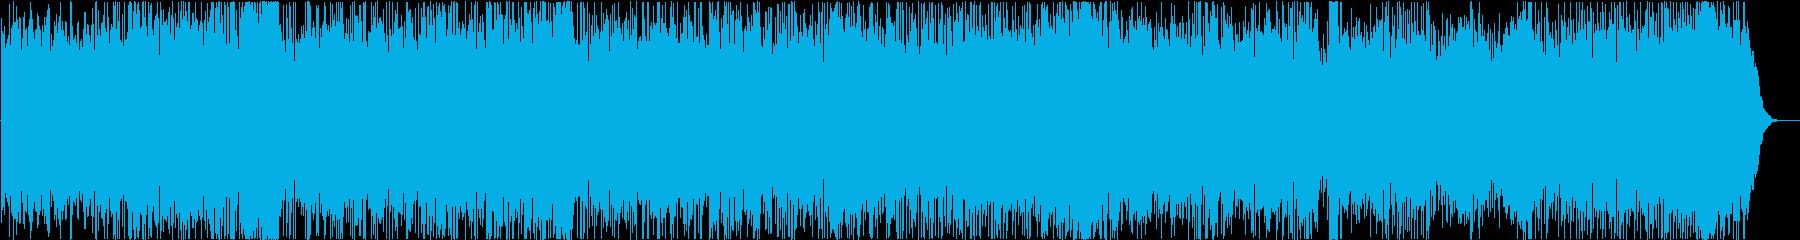 ラテン調のジャズワルツBGMの再生済みの波形